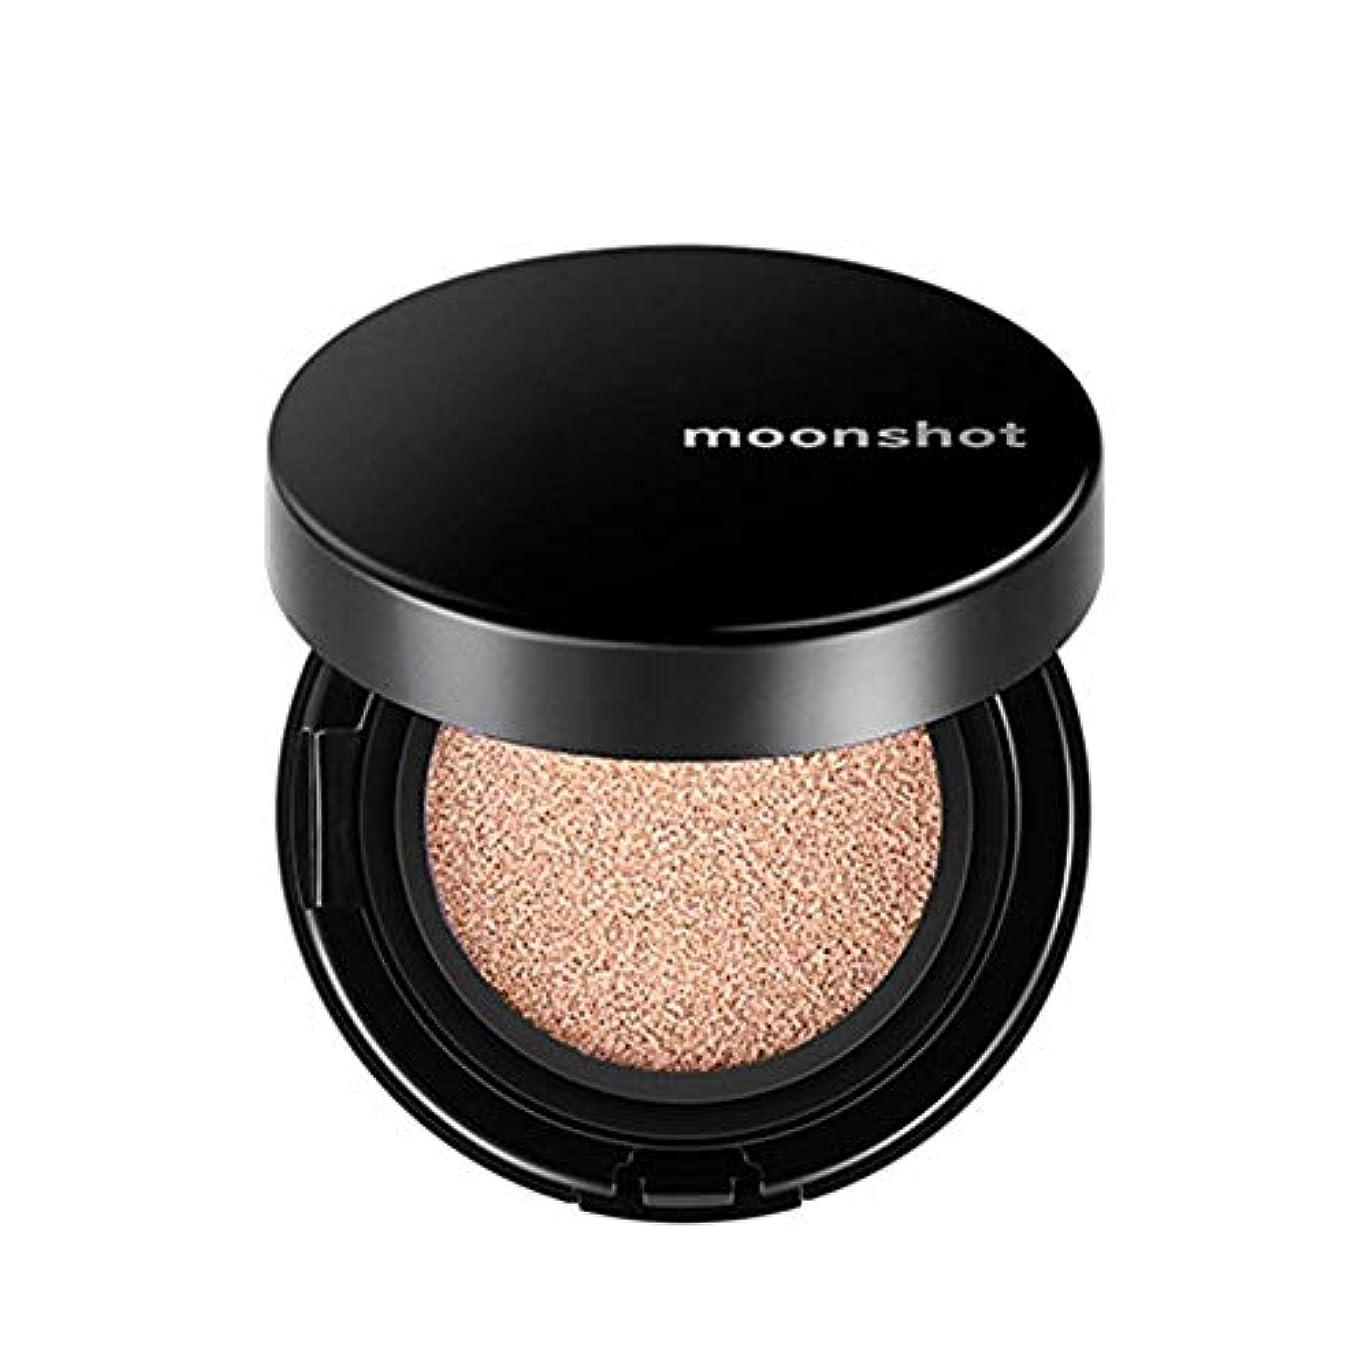 面積懲らしめ鮮やかなムーンショット(moonshot) ブラックピンク マイクロフィットクッションファンデ 201